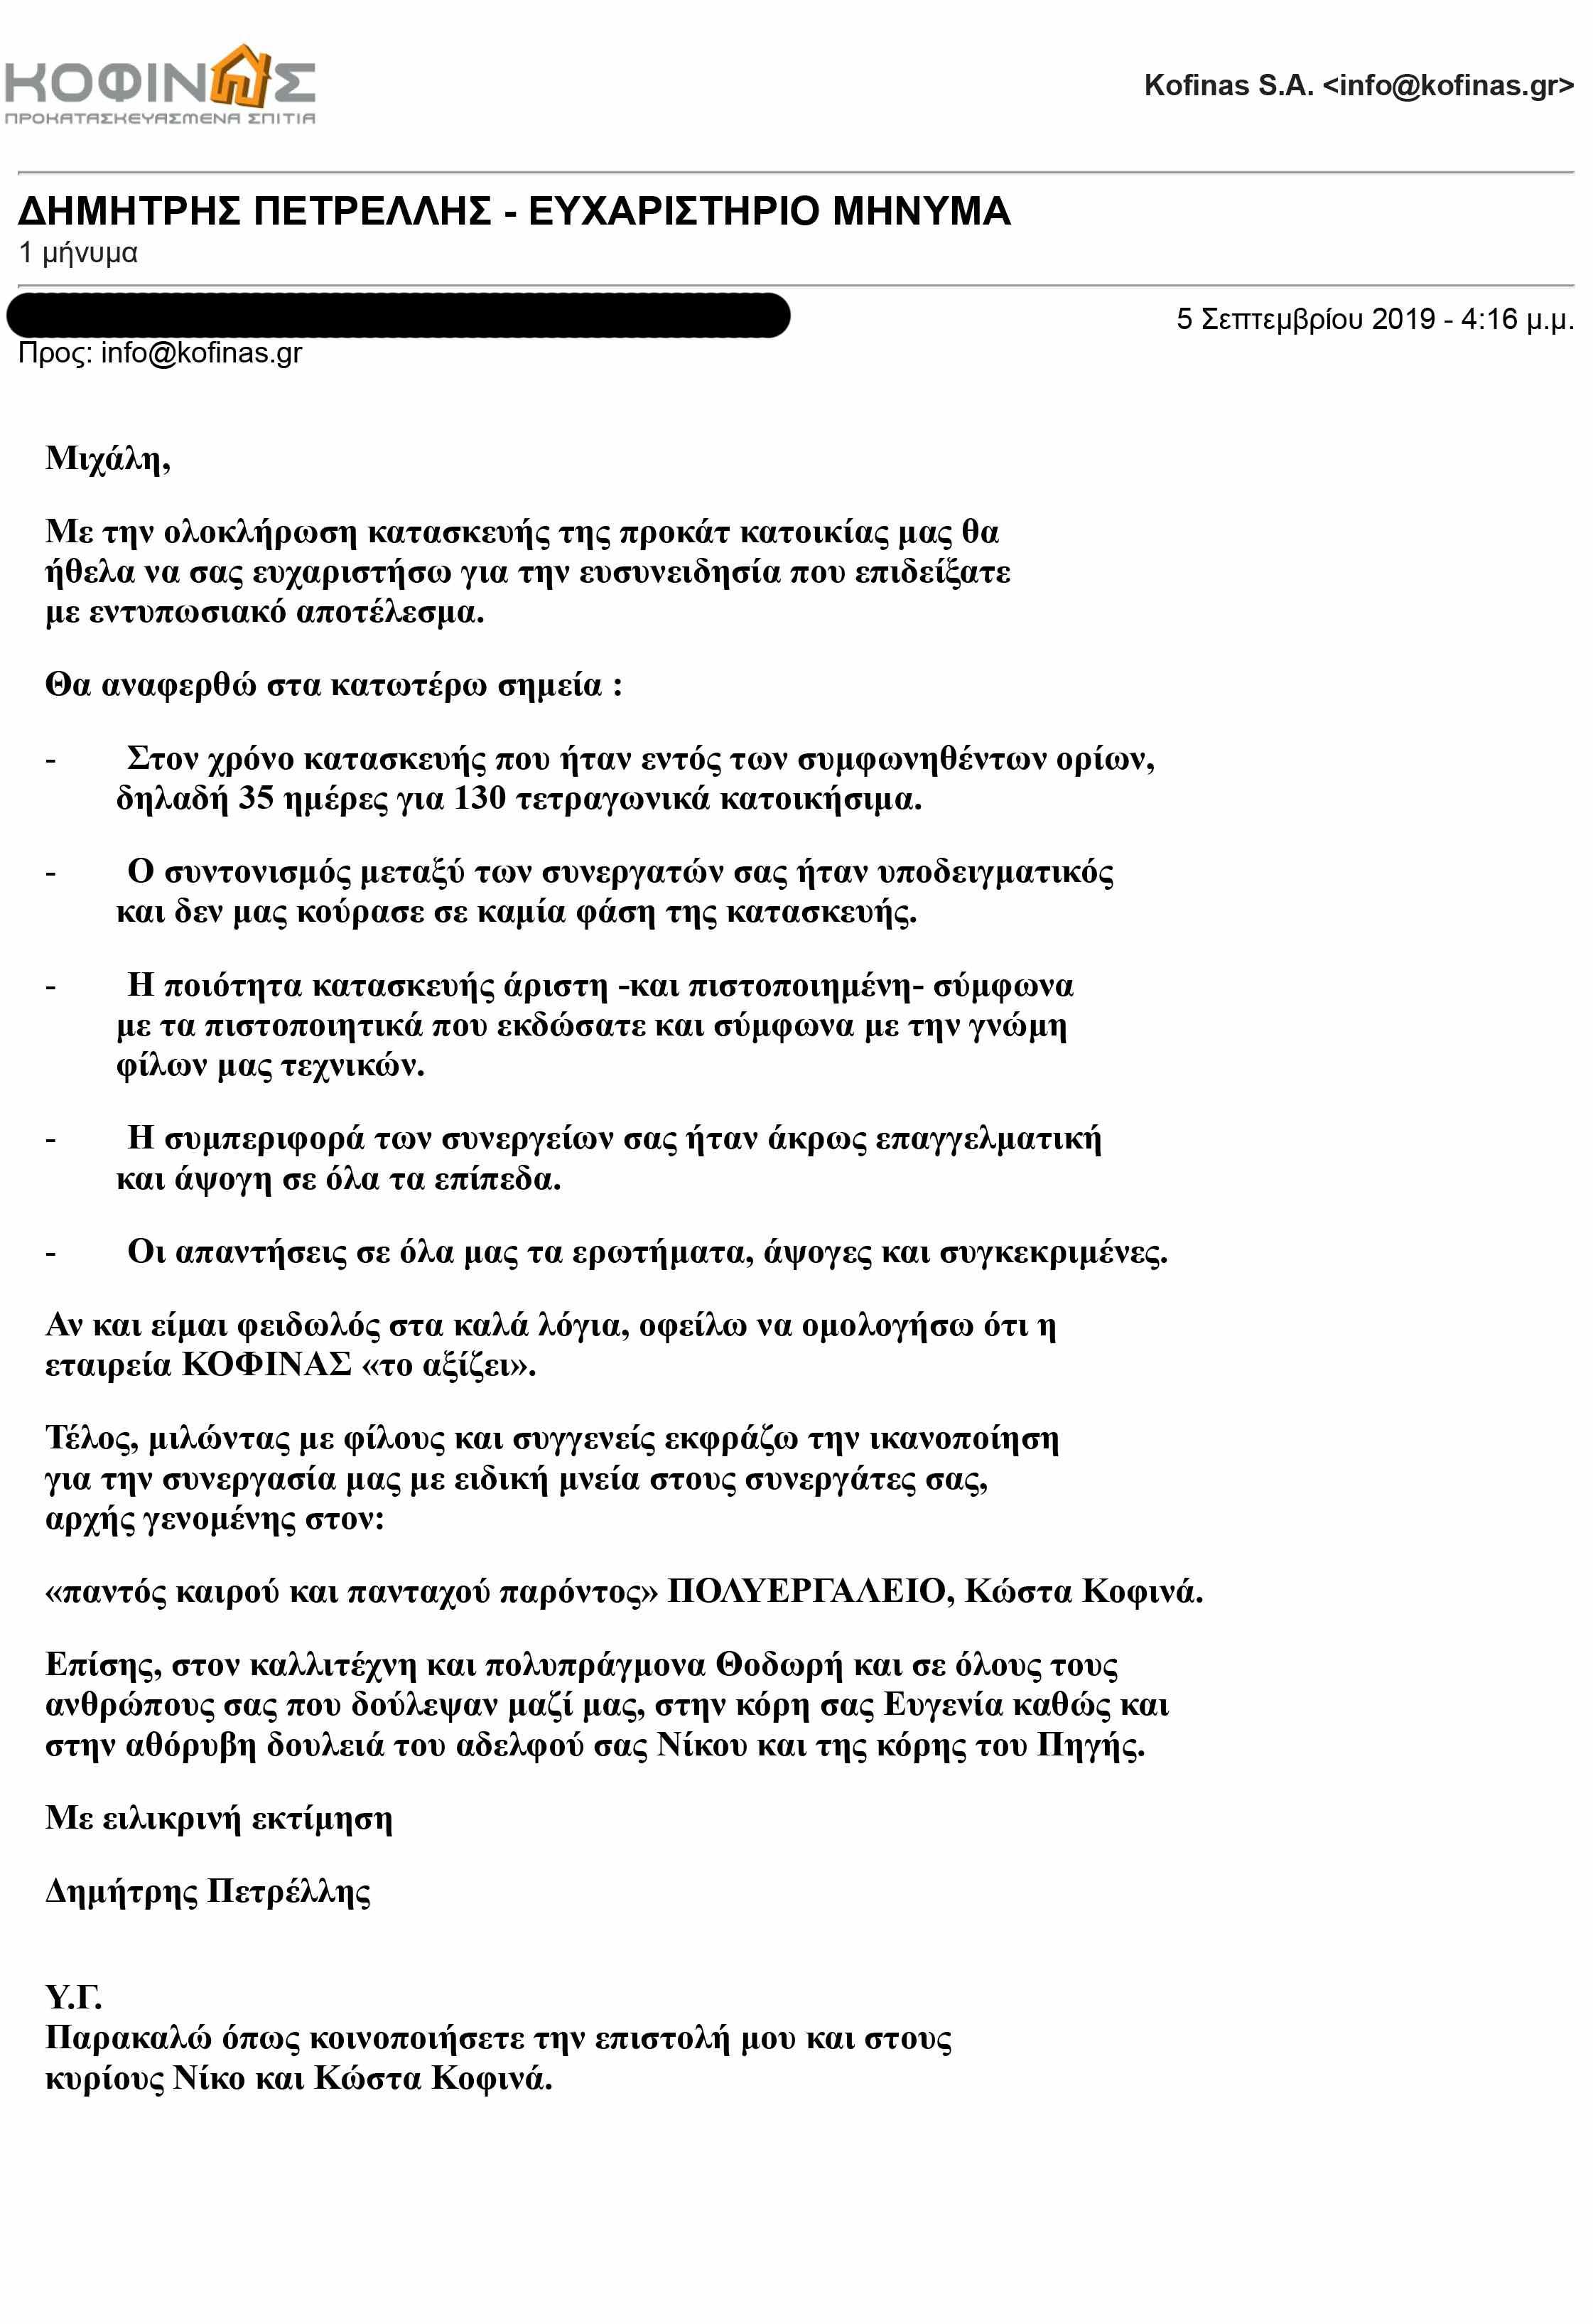 Φιλανδικά ραντεβού στο διαδίκτυο